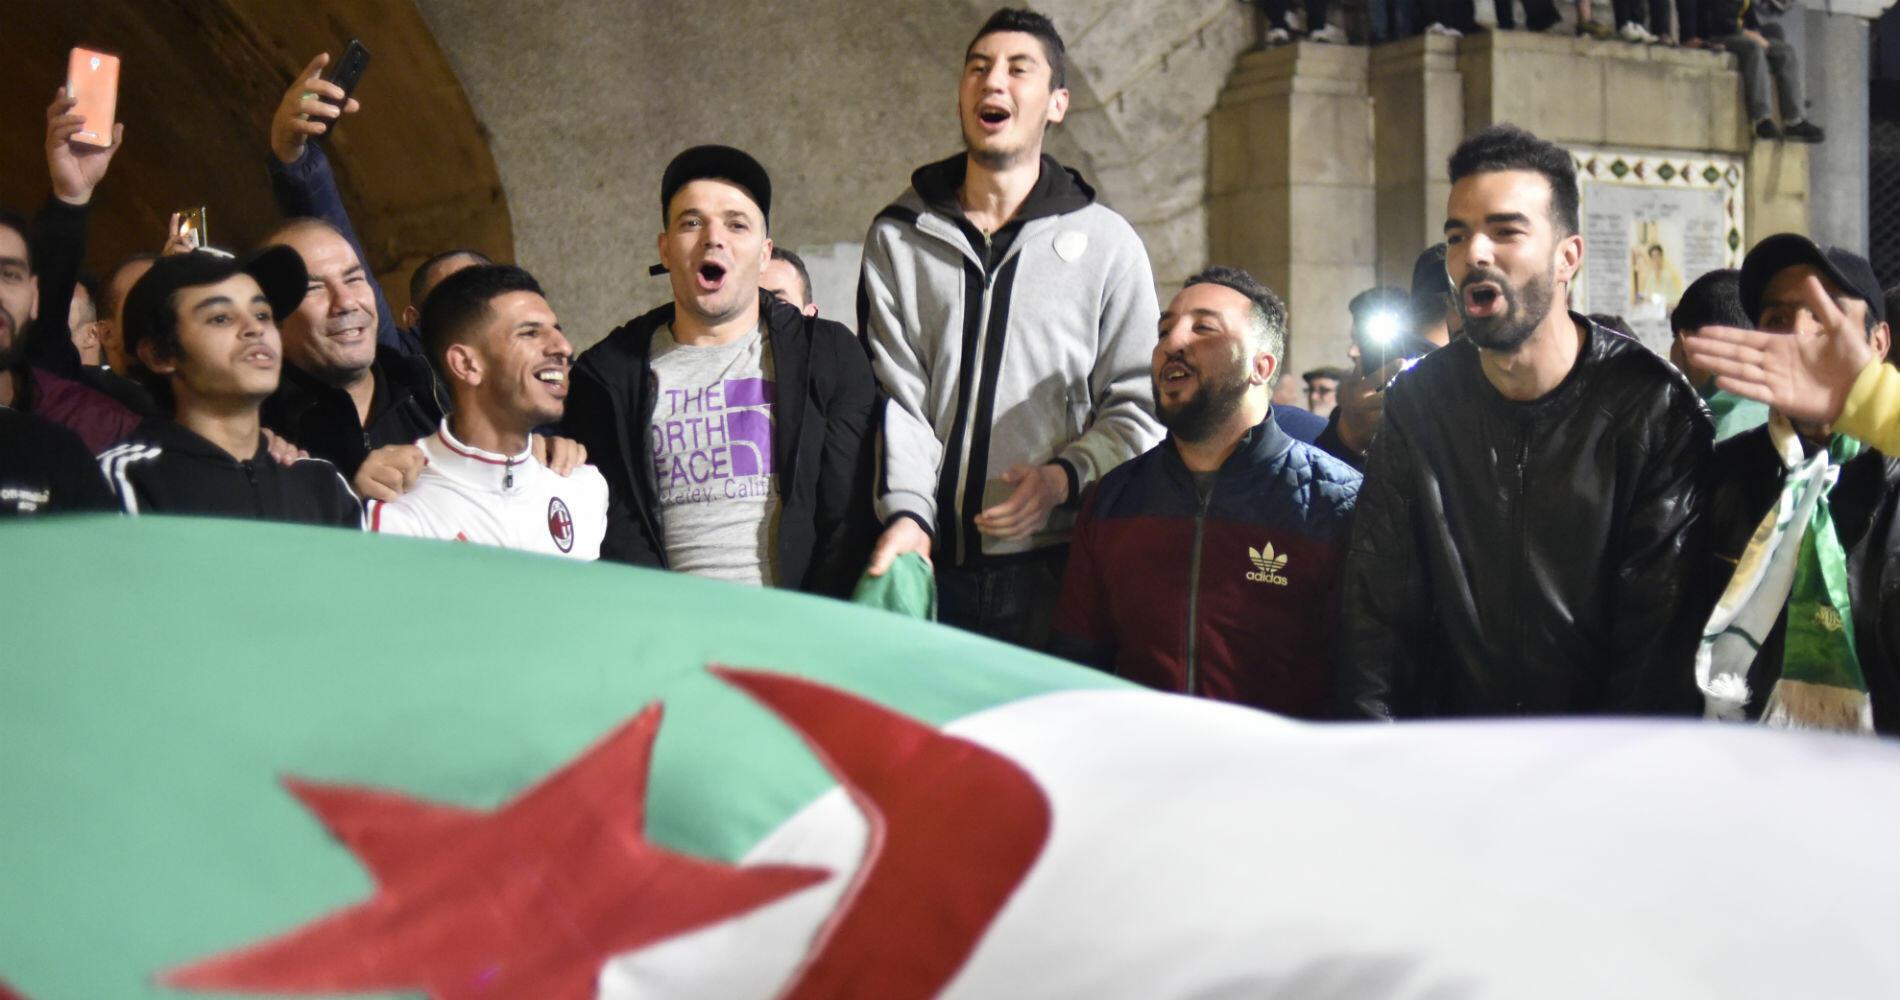 Dans un pays où un habitant sur deux a moins de 25 ans, la jeunesse, durement frappée par le chômage, a été à la pointe des manifestations.